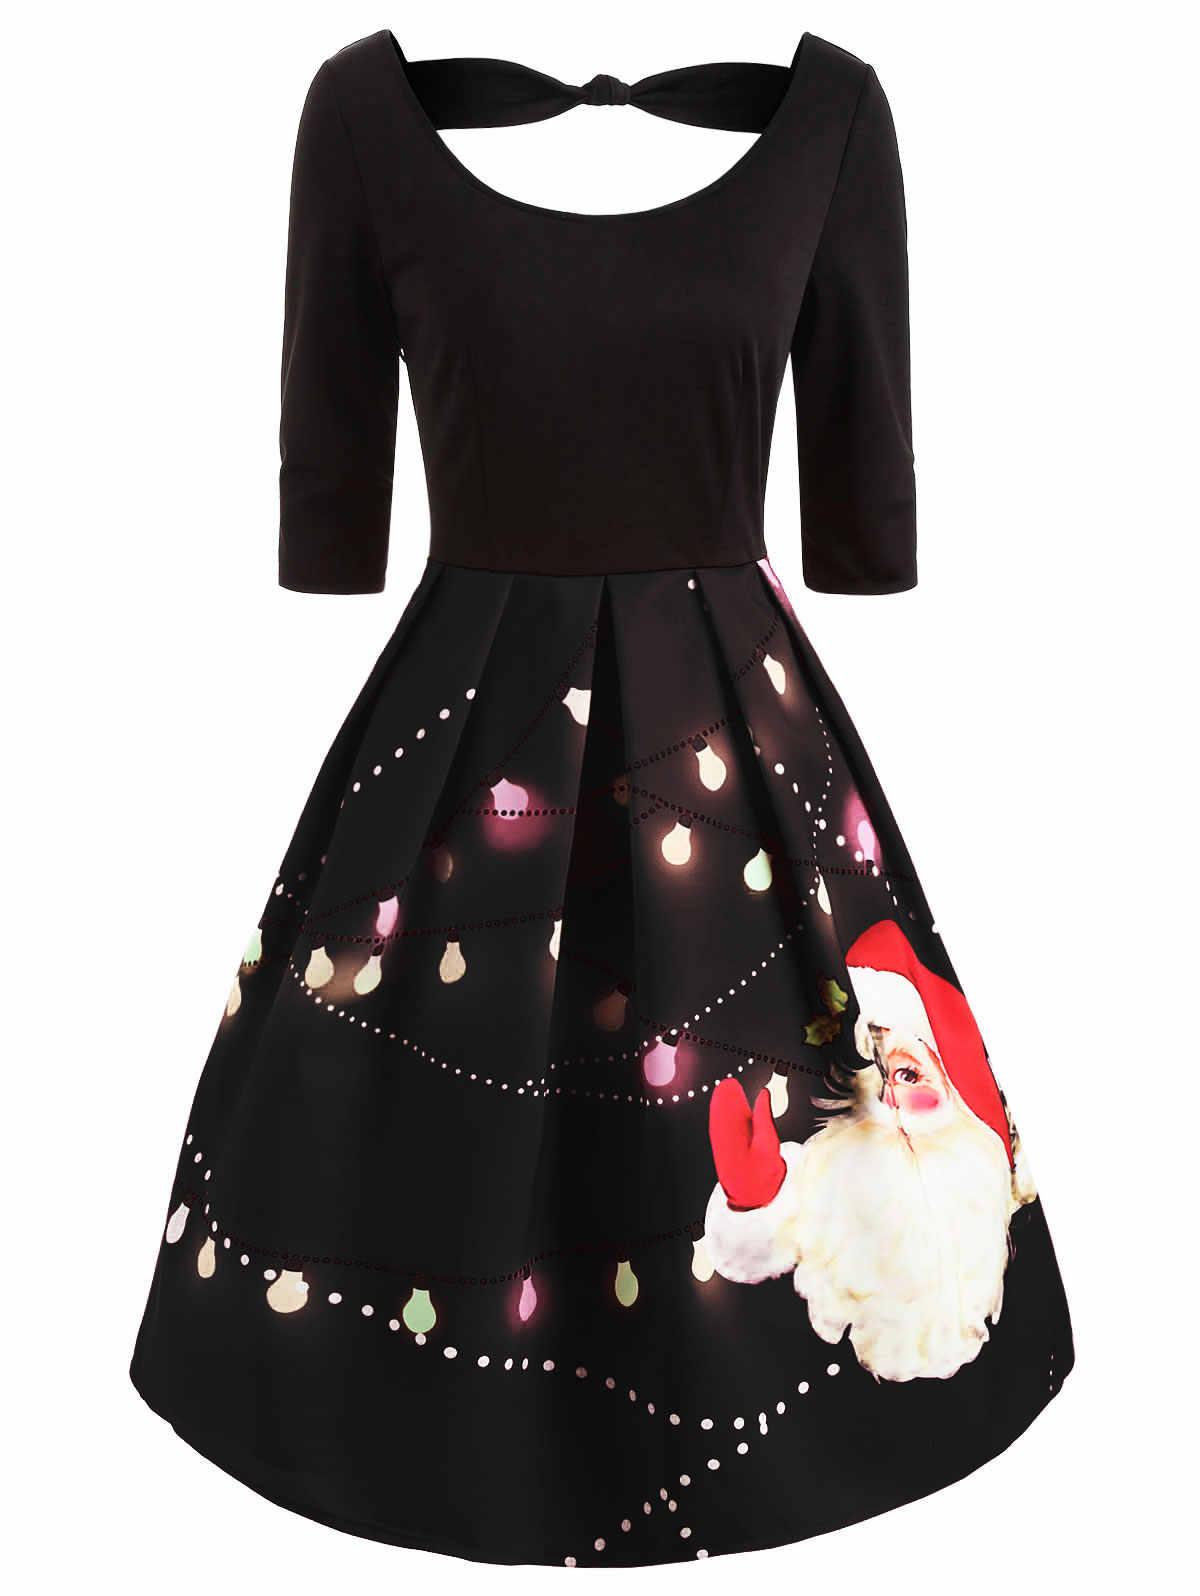 Wipalo/Винтажные вечерние платья с рождественским принтом Санта-Клауса, женское платье с круглым вырезом и коротким рукавом, платье по колено, облегающее и расклешенное платье, Vestidos